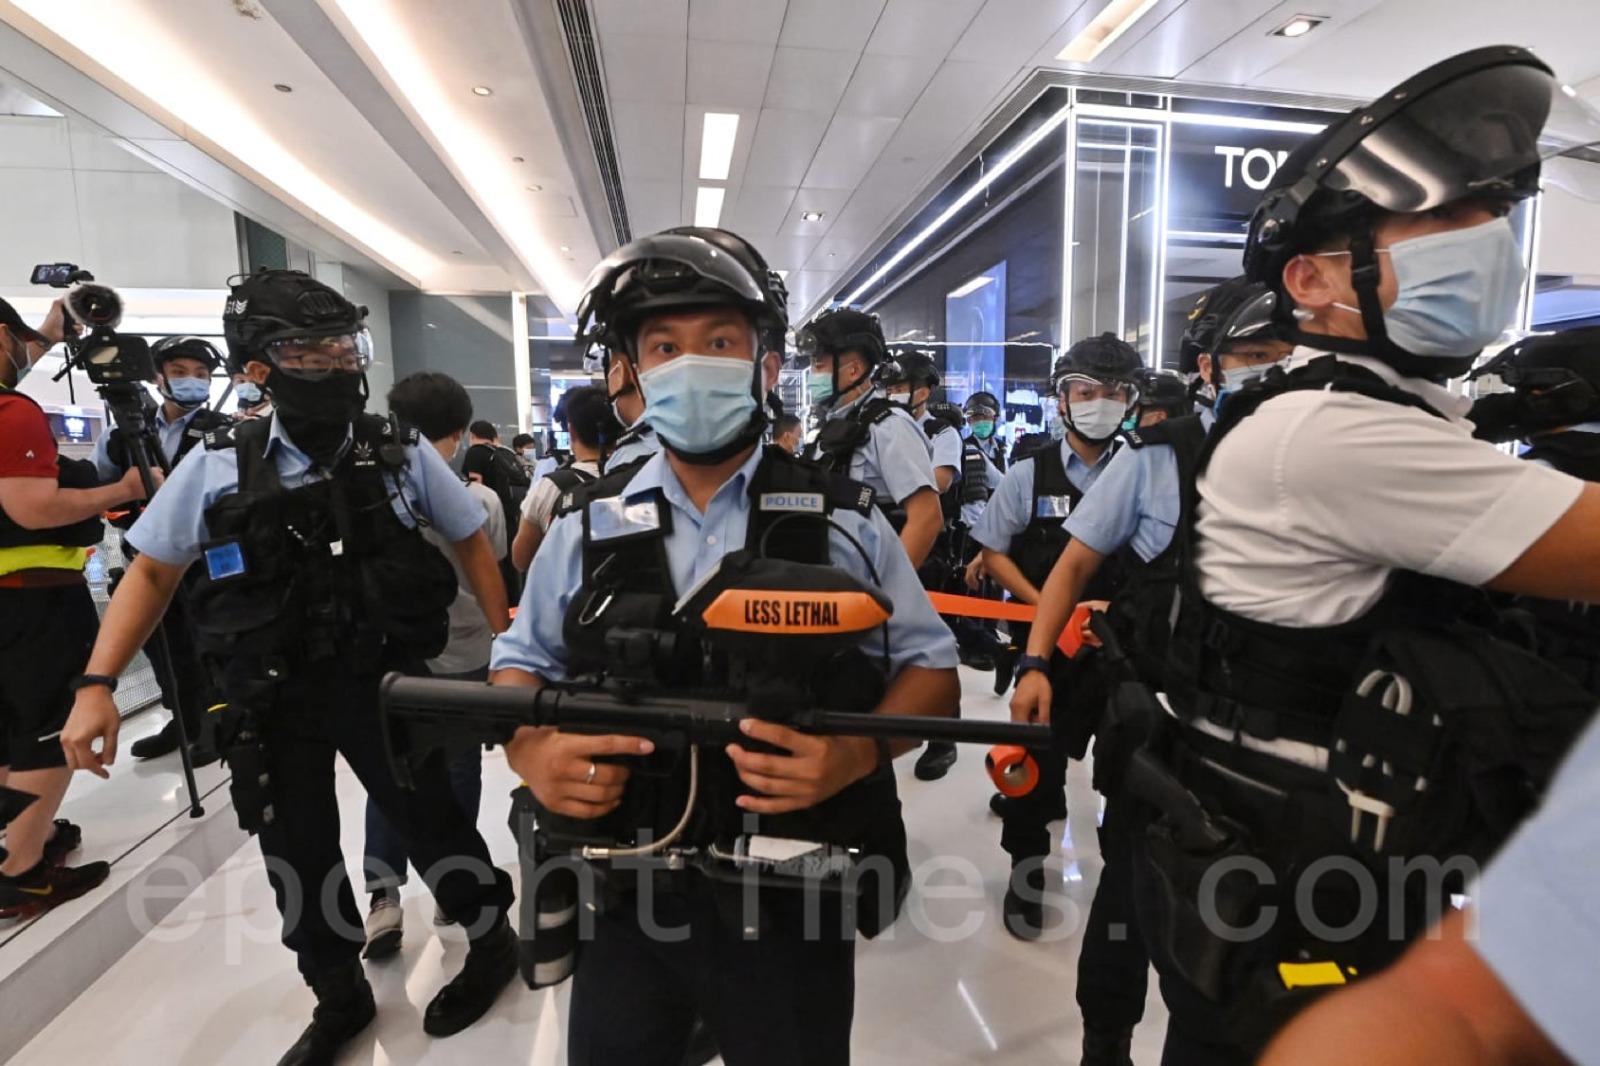 有大批警察進入商場,搜查市民。(宋碧龍/大紀元)